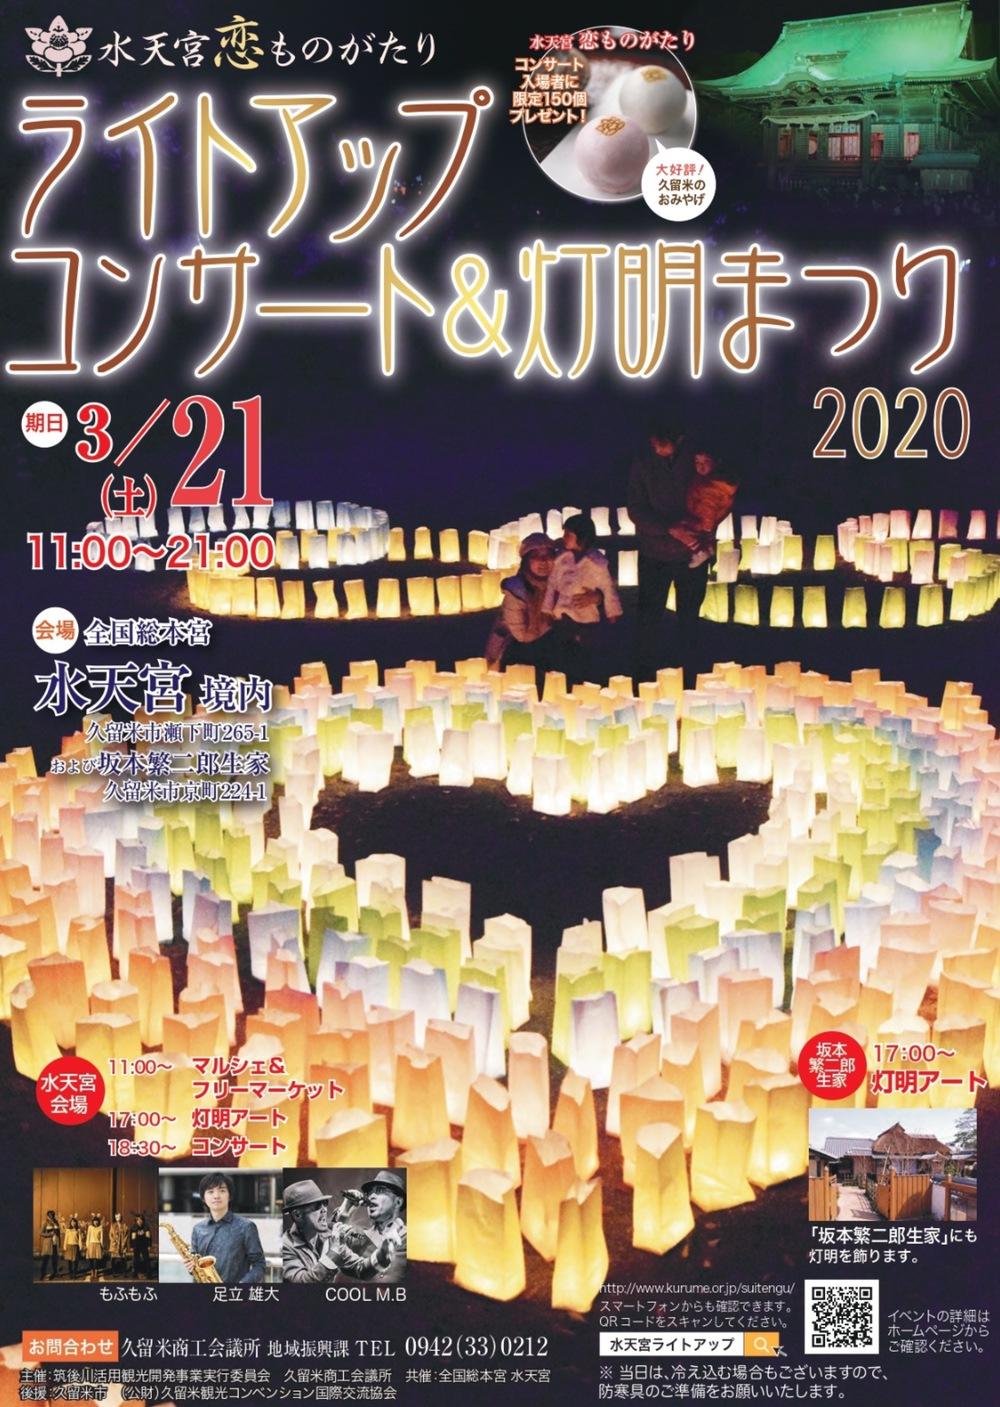 水天宮ライトアップコンサート&灯明まつり2020 3月21日開催